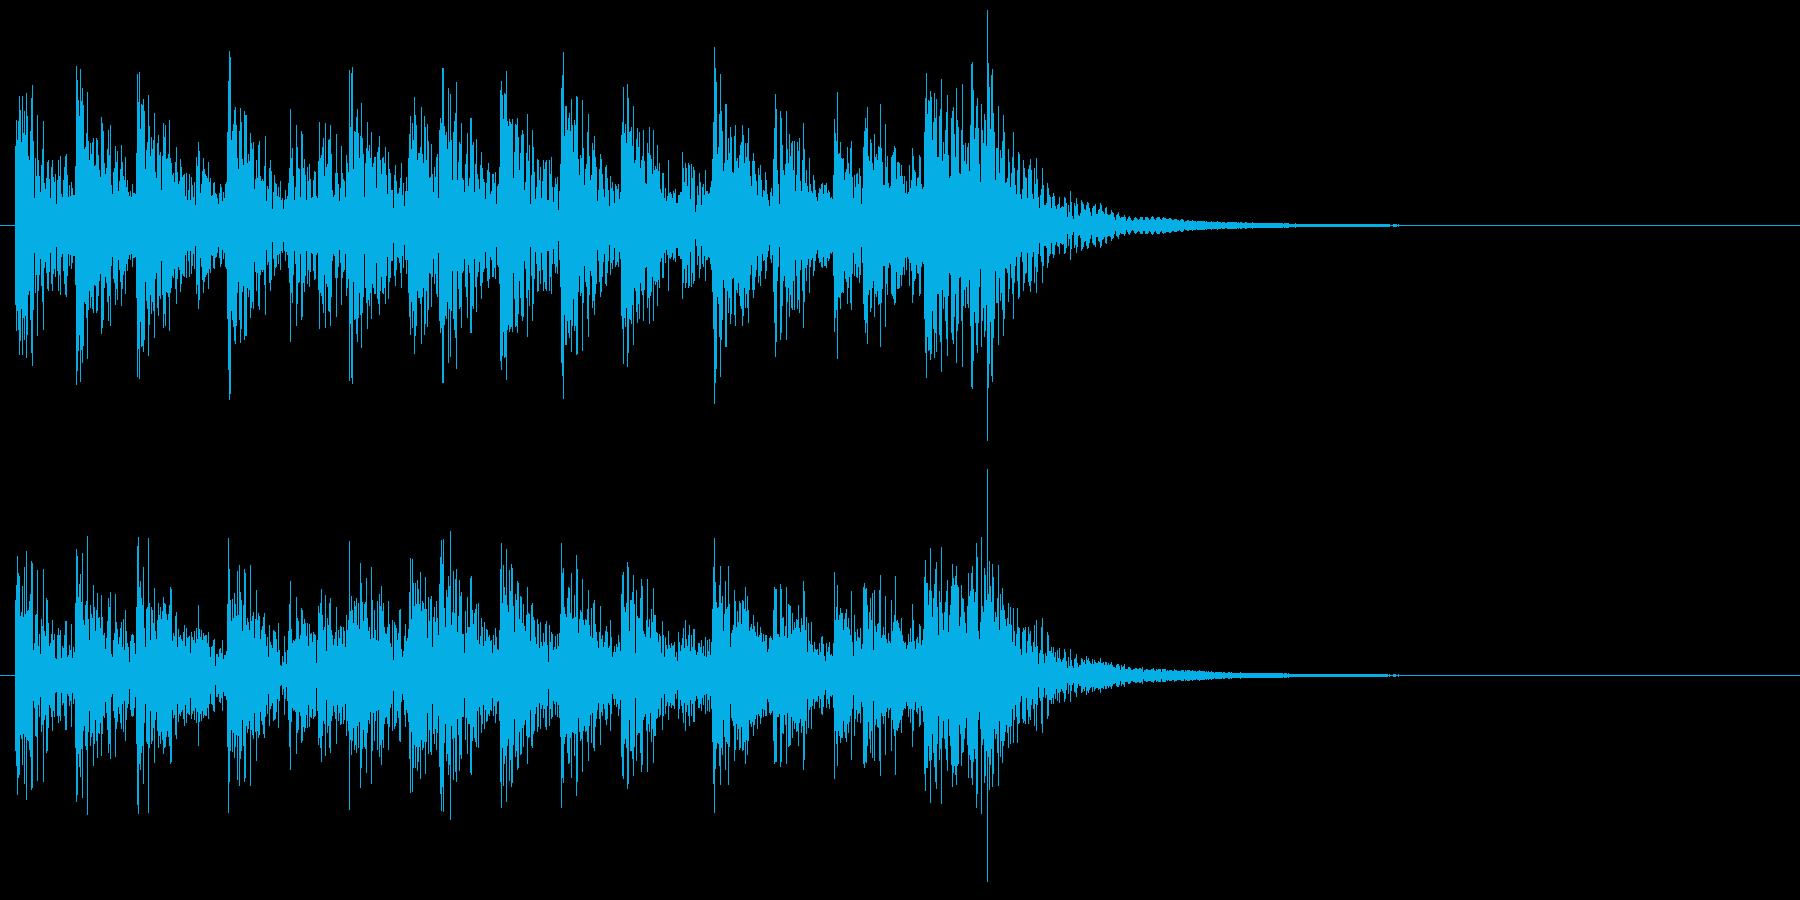 和風ジングル2、和太鼓アンサンブルAの再生済みの波形